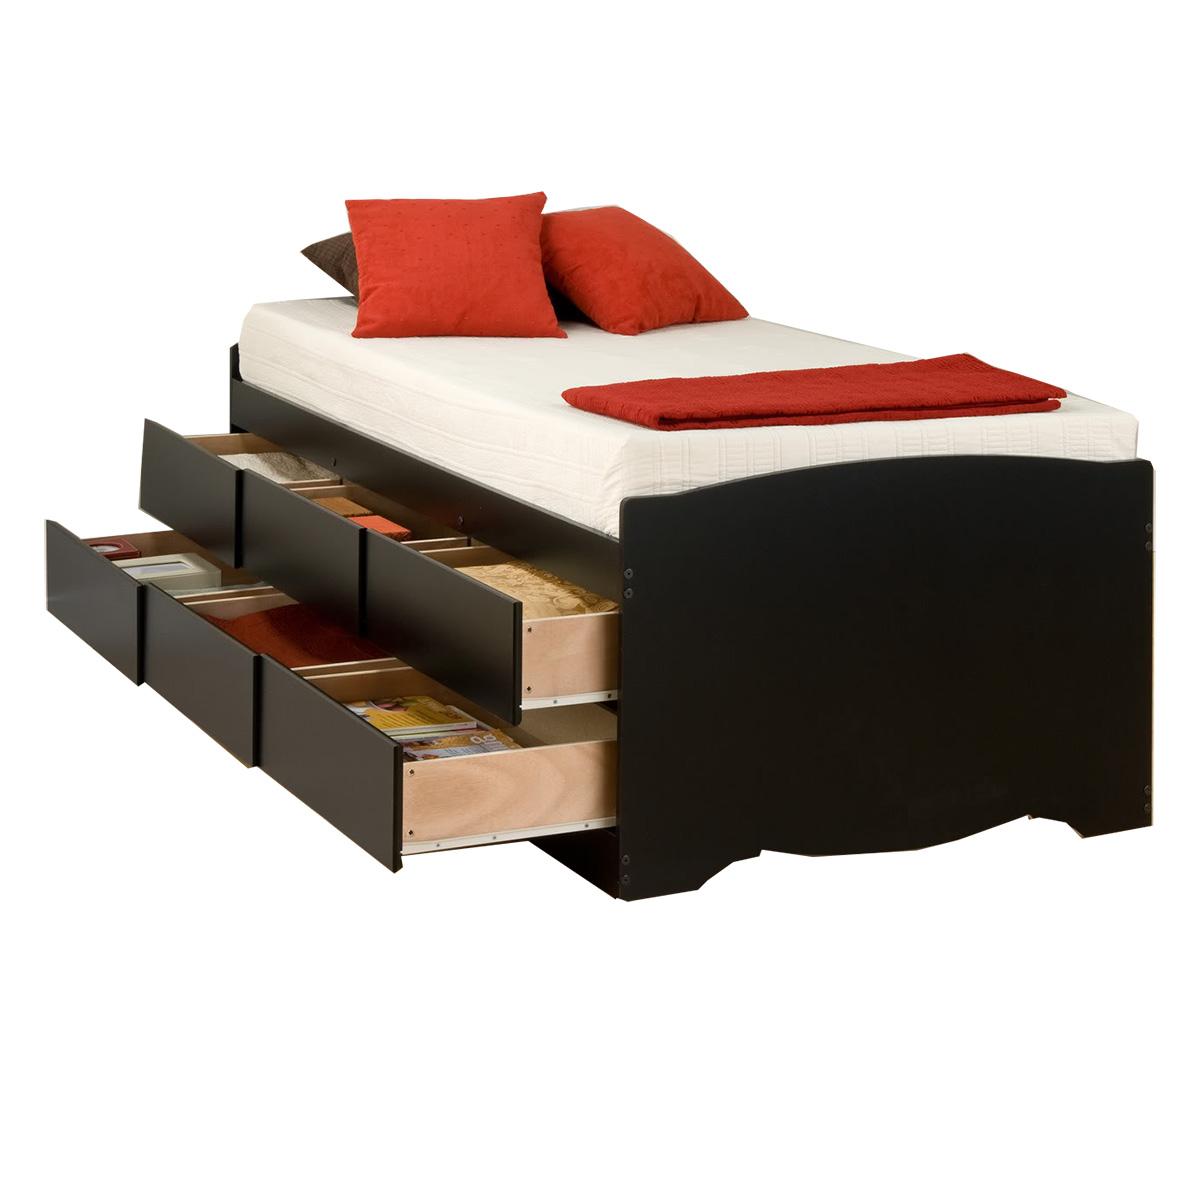 Captains Storage Platform Bed - Black Captains Storage Platform Bed - Black  sc 1 st  Platform Beds Online & Modern Storage Beds - Save Space in Style - Platform Beds Online